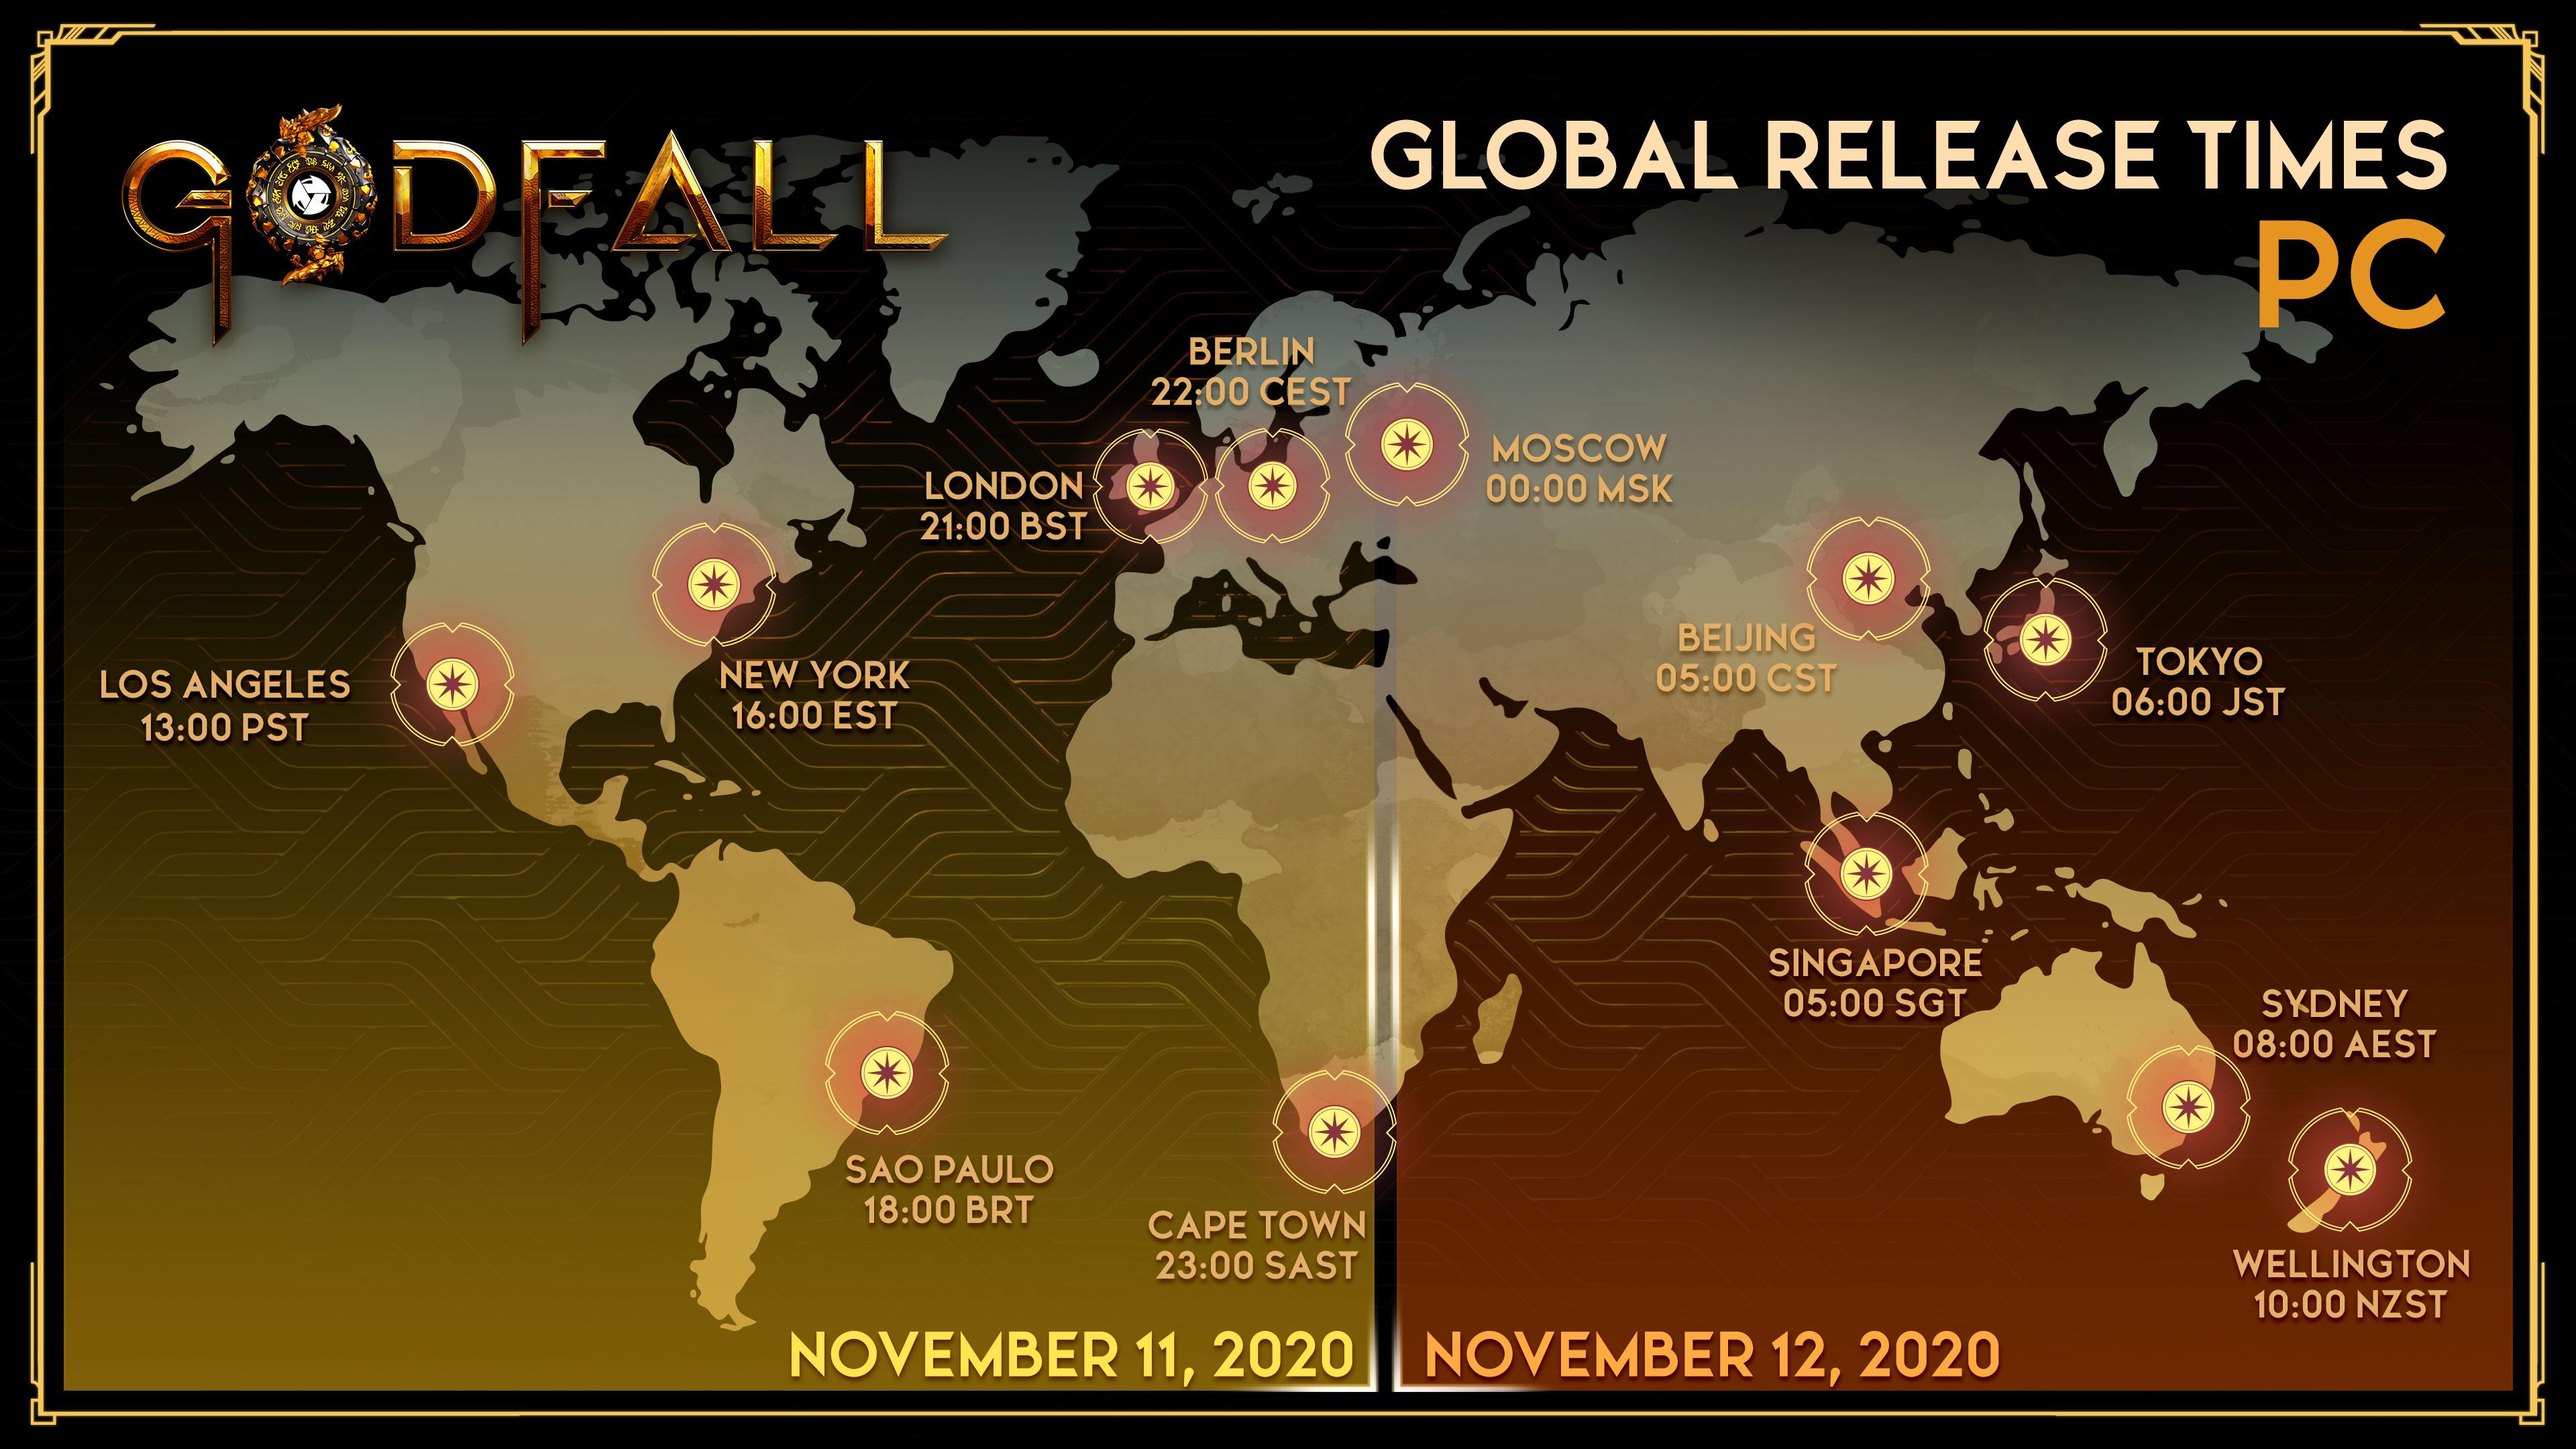 《众神陨落》解锁时间公开 PC版11月12日5:00